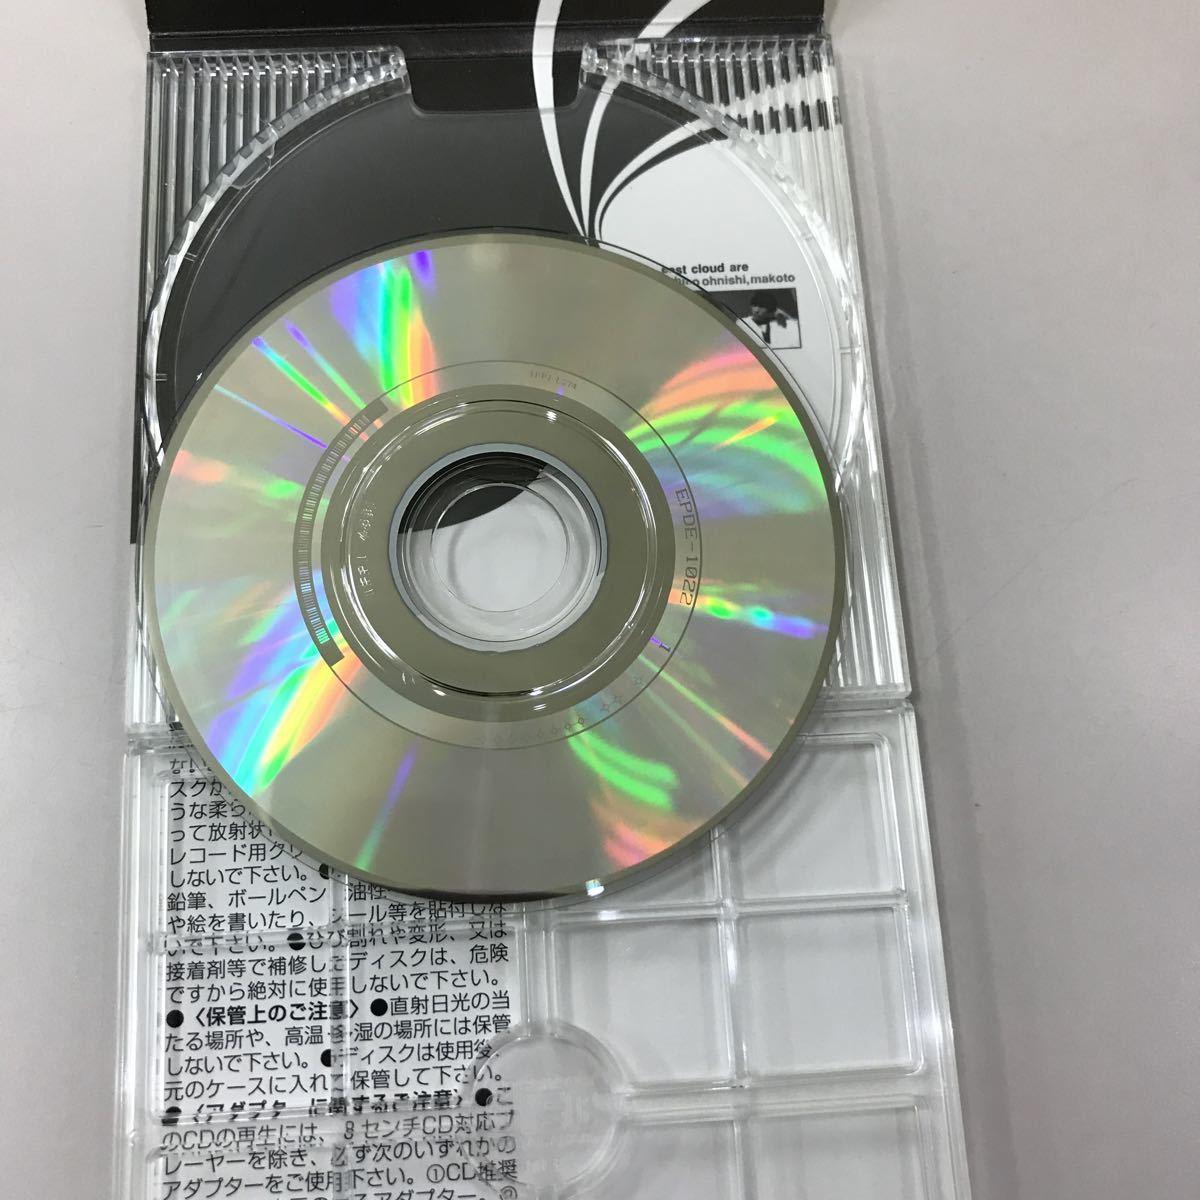 シングルCD 8センチ 中古【邦楽】長期保存品 イーストクラウド フューチャリング makoto エゴイズム